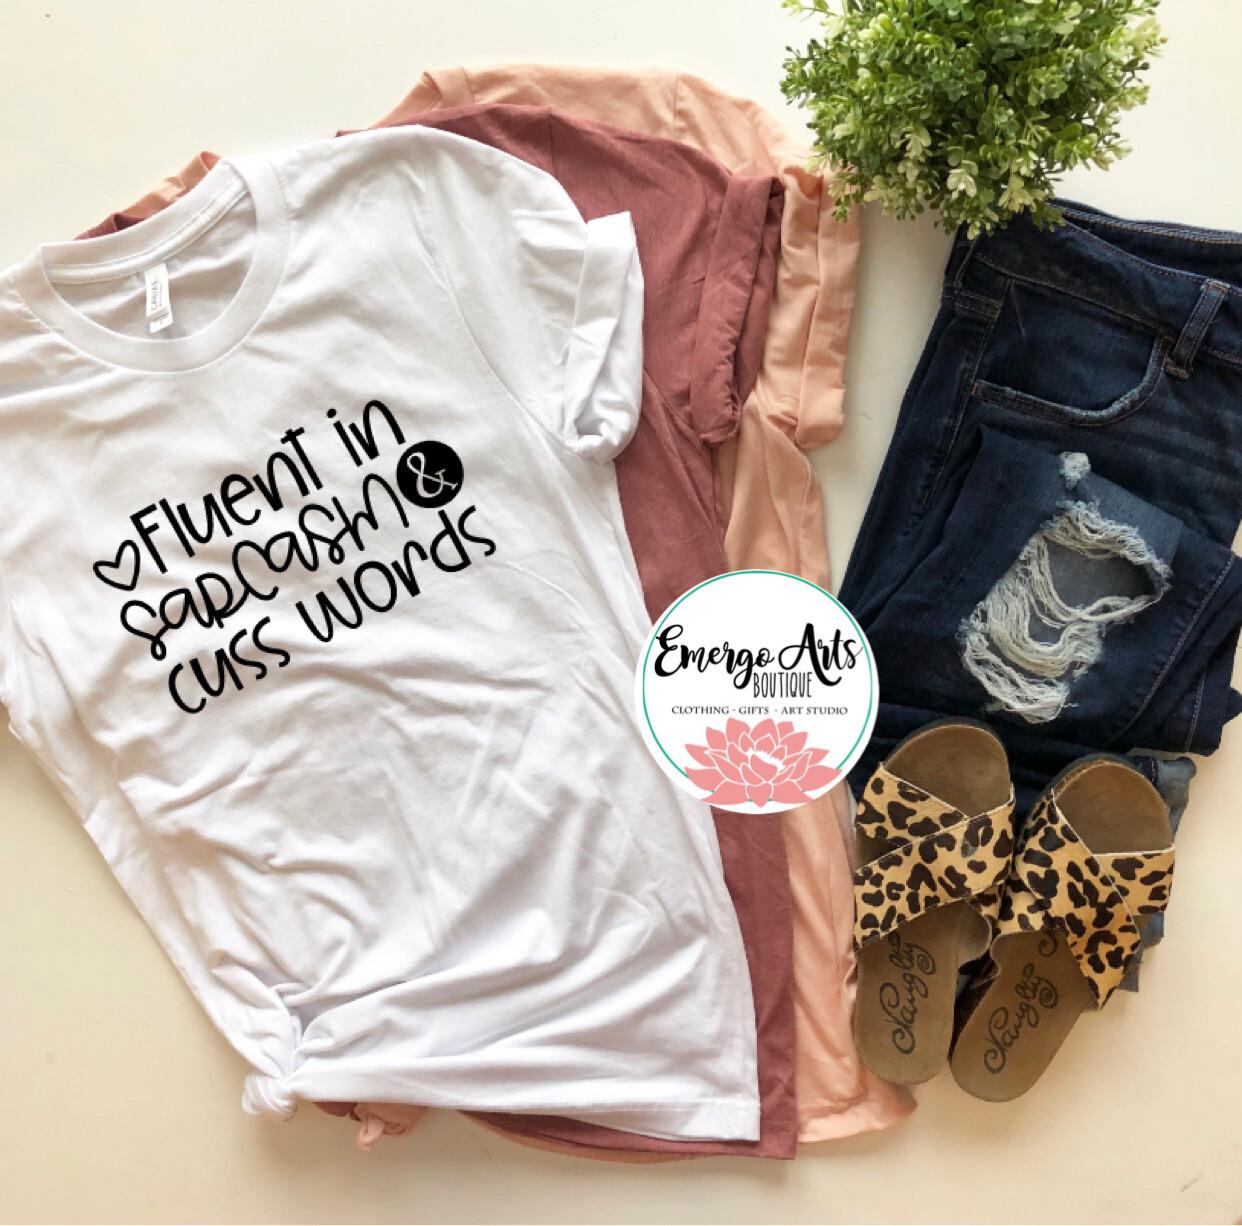 Fluent in Sarcasm & Cusswords Shirt